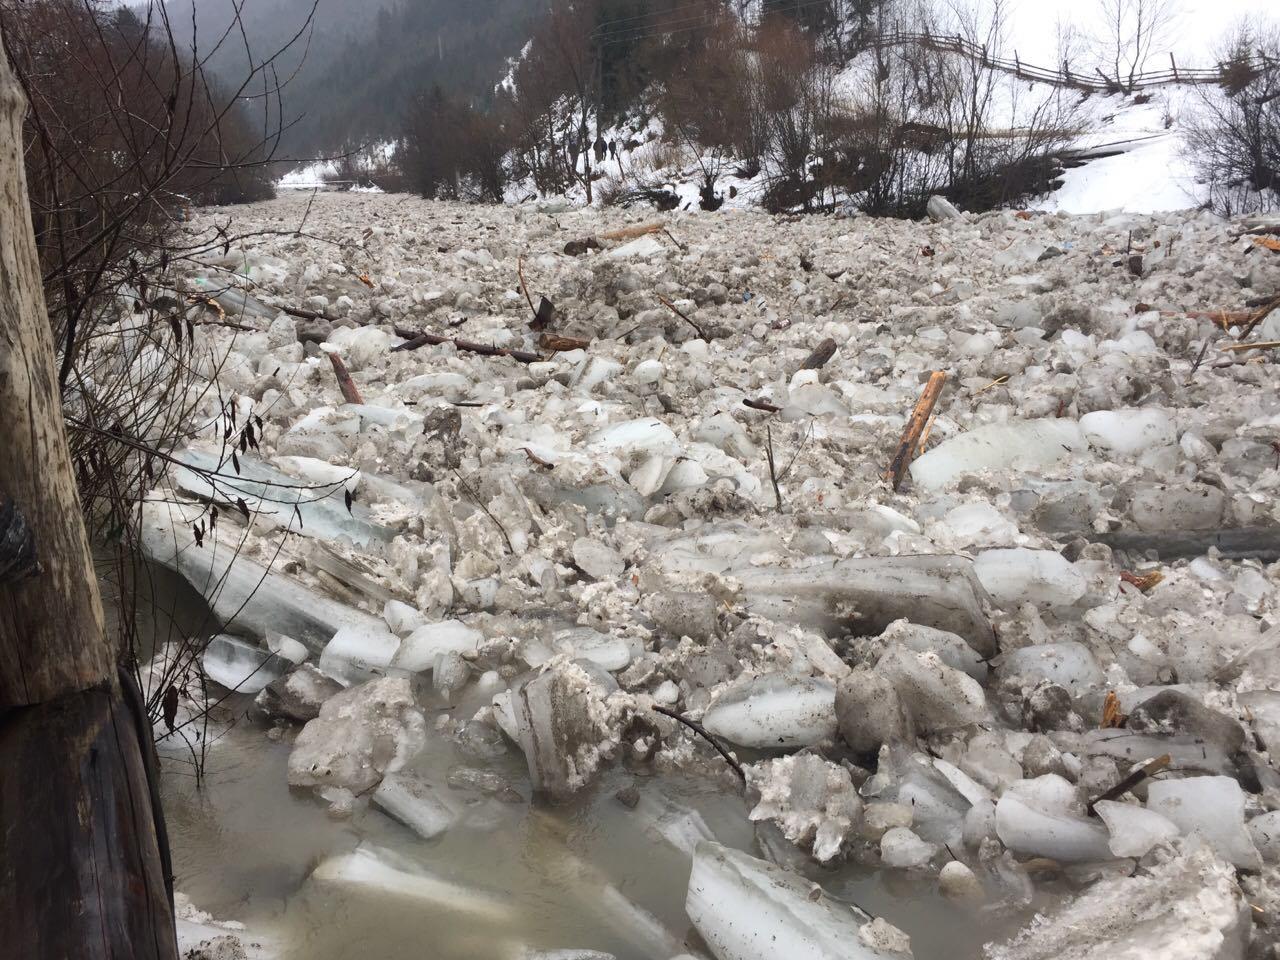 Піротехніки готуються підривати на річках Закарпаття льодові затори, щоб звільнити русла і уникнути підтоплень житла